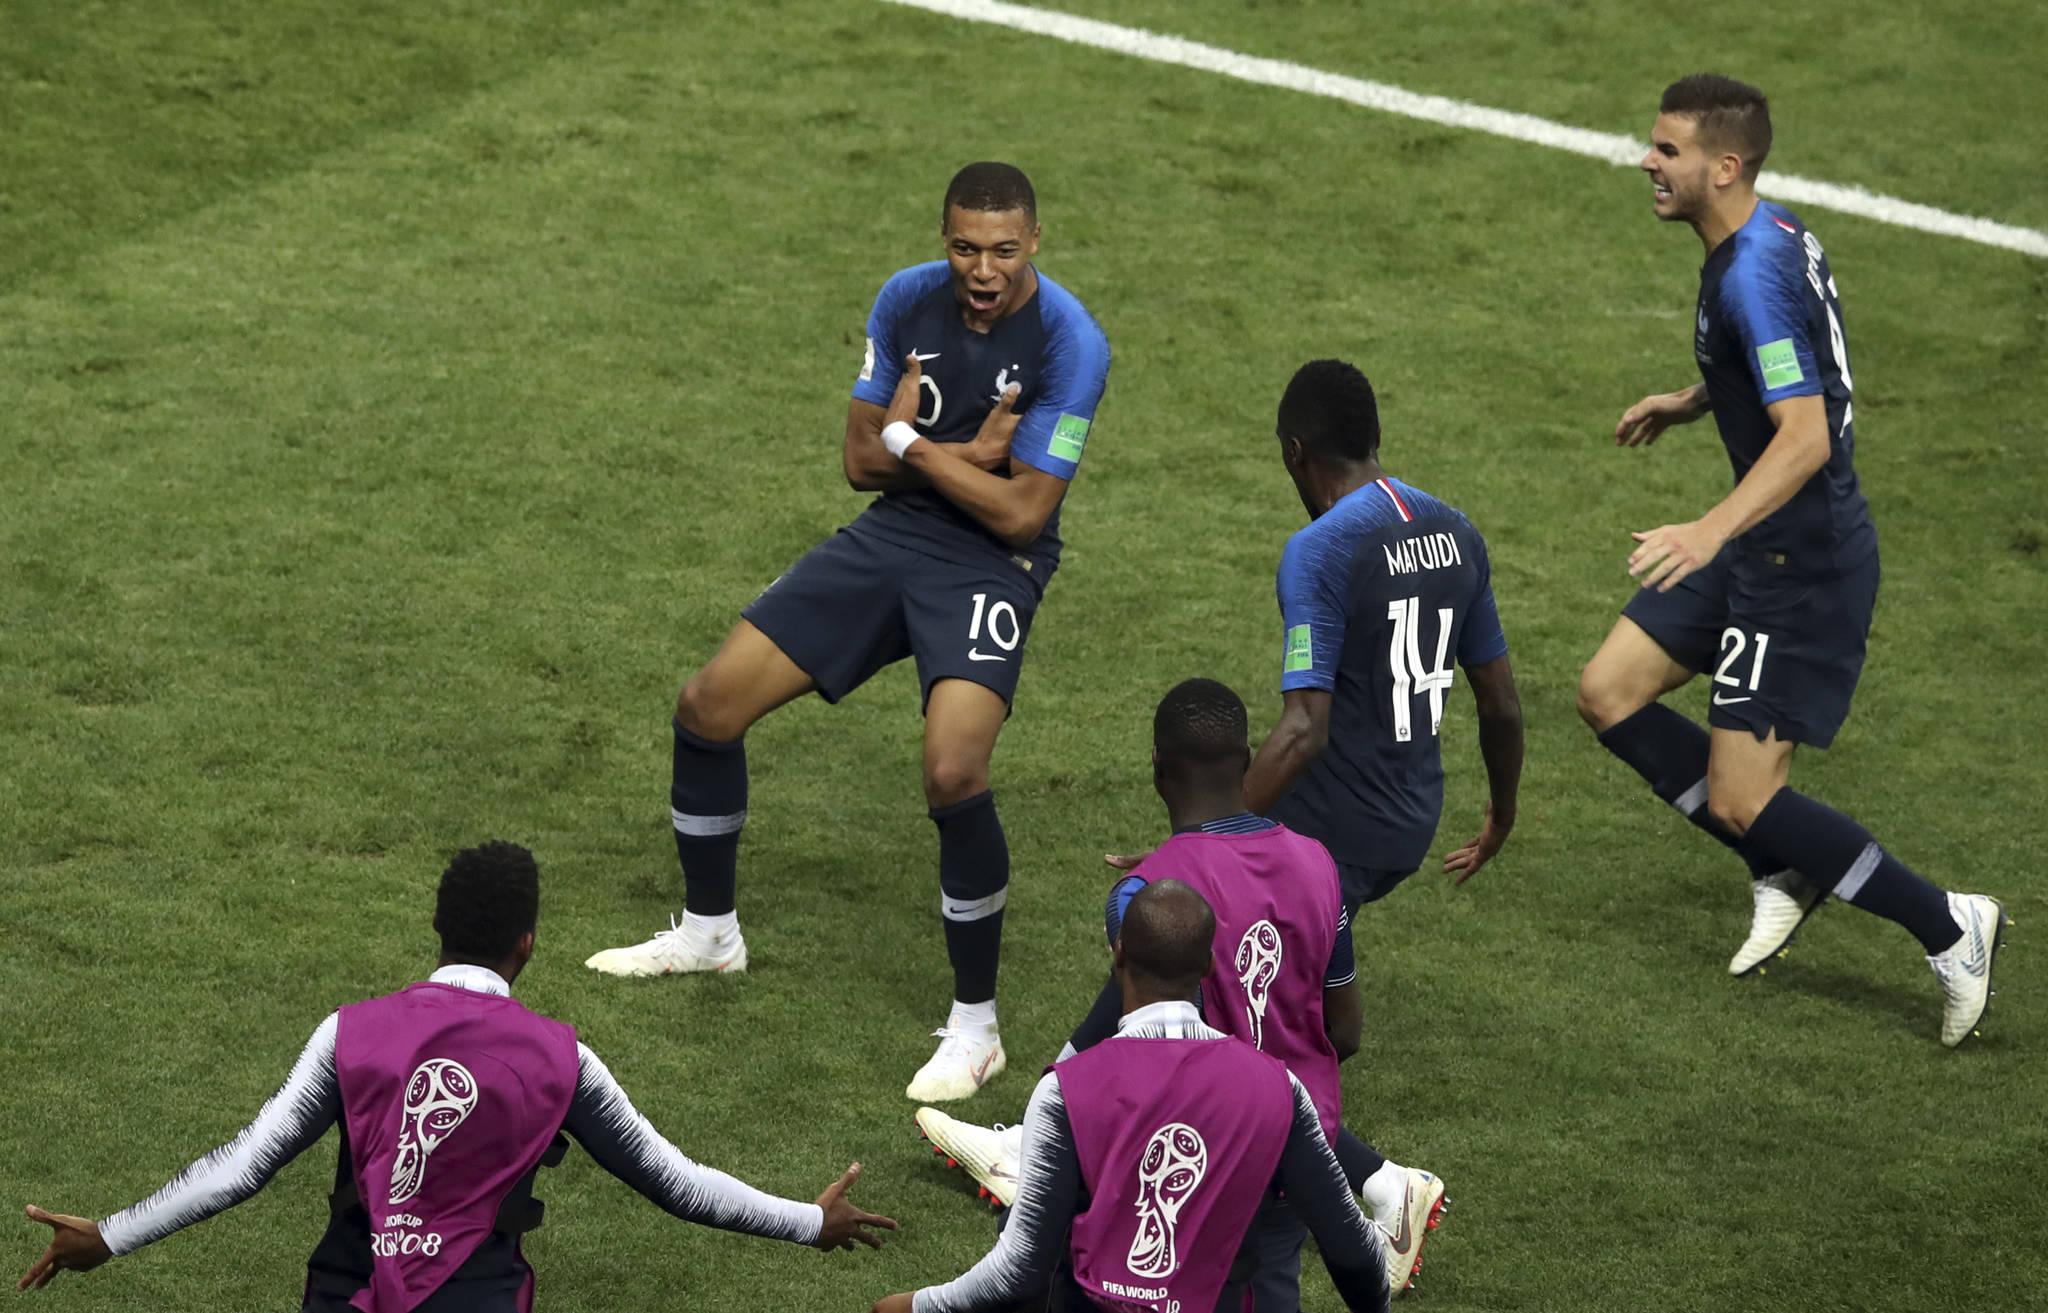 16일 열린 러시아 월드컵 결승전 크로아티아와의 경기에서 후반 골을 터뜨린 프랑스 공격수 킬리안 음바페. 그는 펠레 이후 60년 만에 월드컵 결승에서 골을 터뜨린 10대 선수로 기록됐다. [AP=연합뉴스]